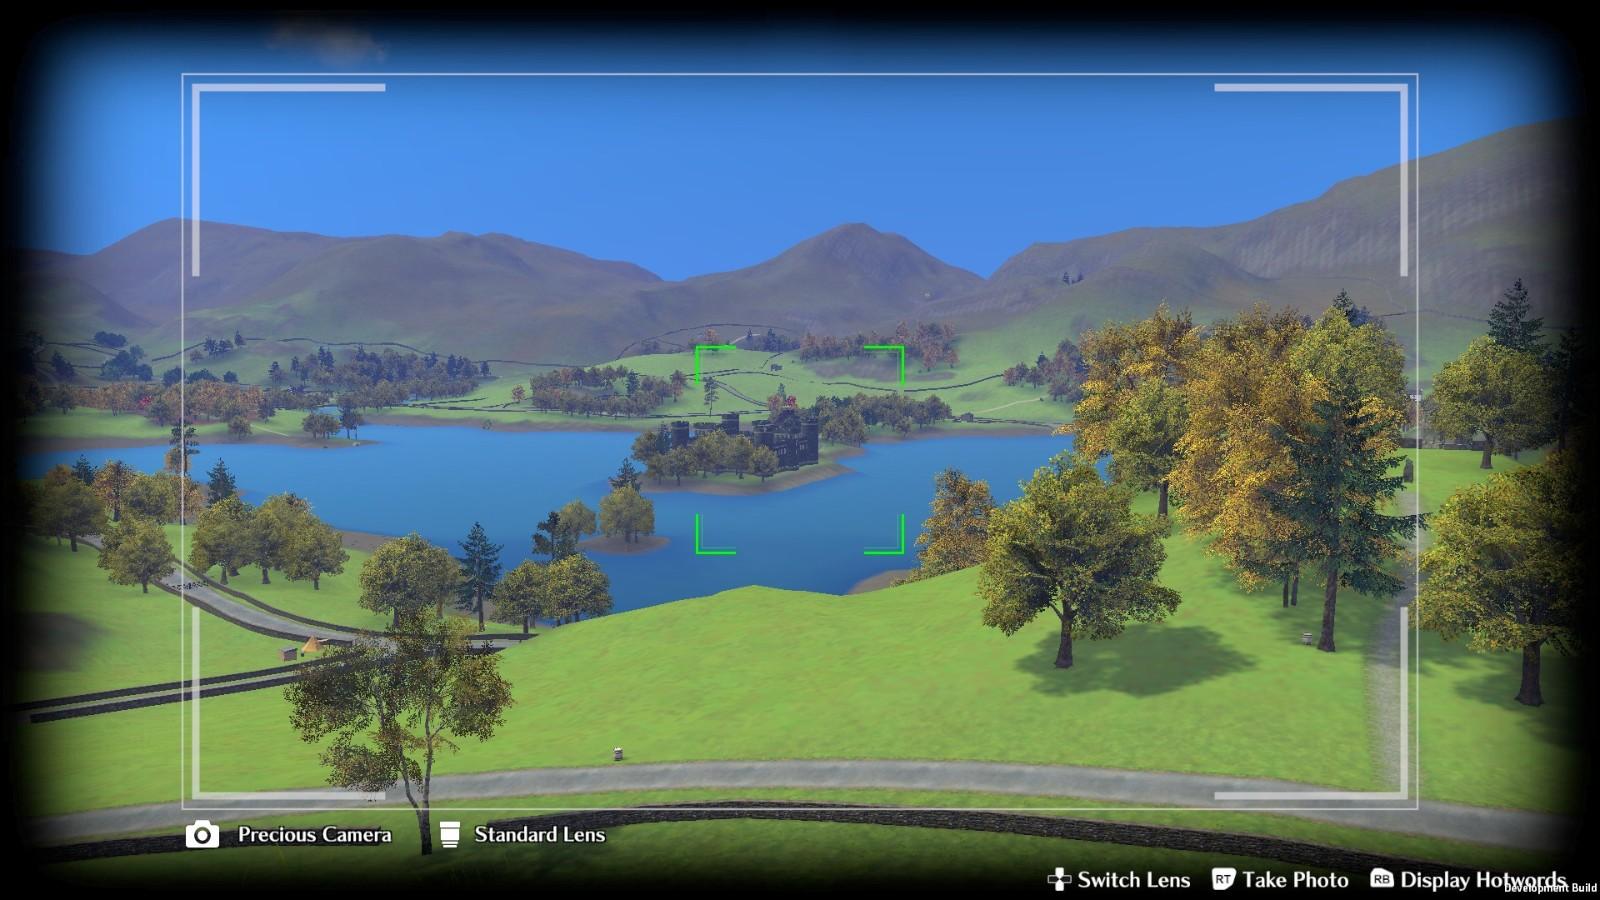 沉浸式模拟《美好人生》10月15日发售 前往最幸福的地方